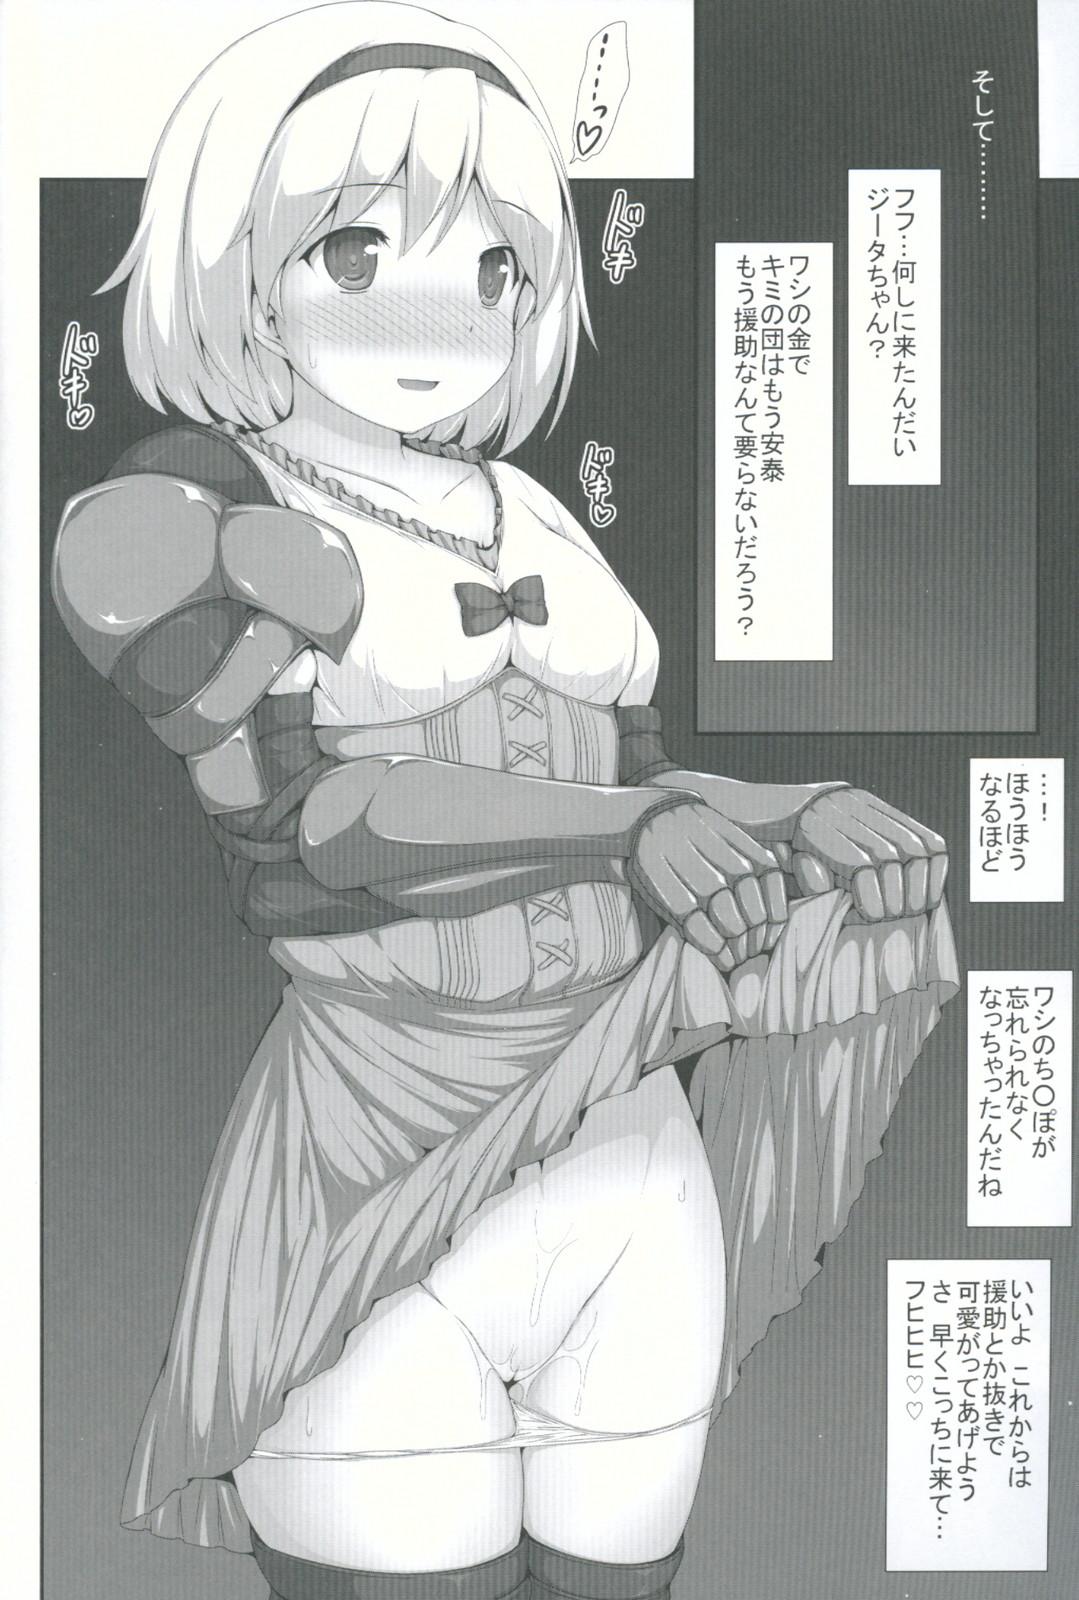 【エロ同人誌】資金難に陥ったジータがおじさん相手に売春www【グランブルーファンタジー/C91】